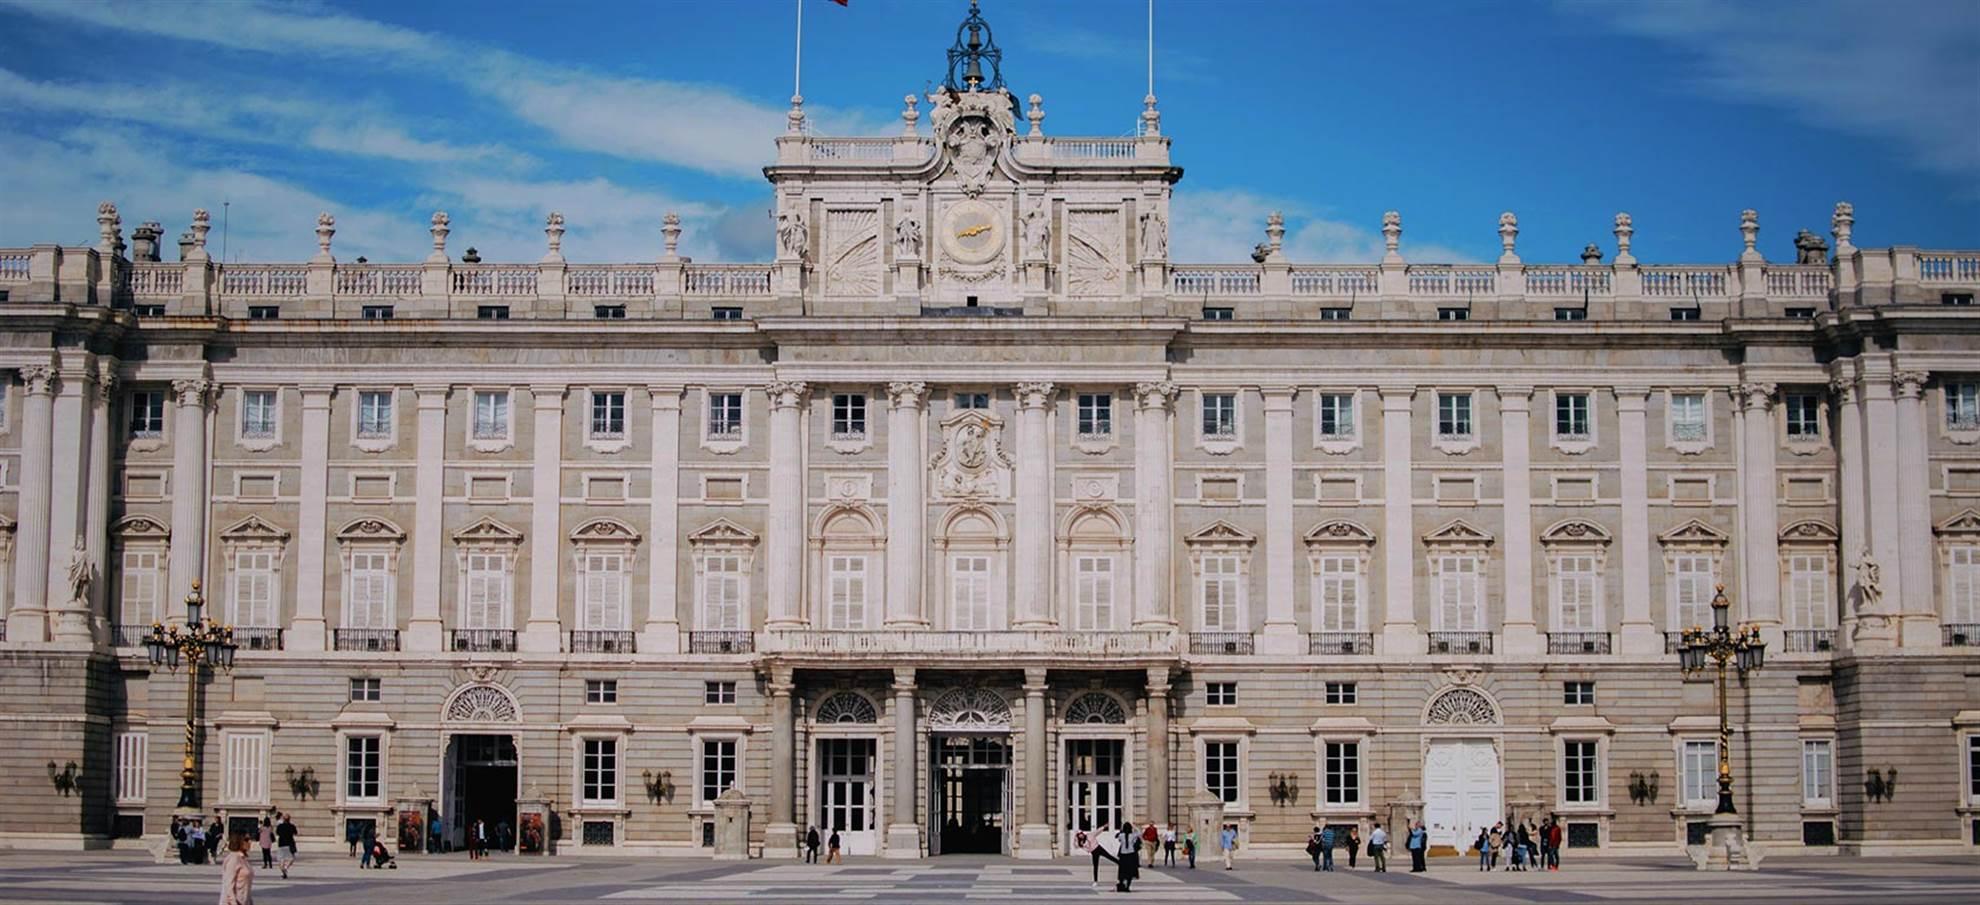 Der Königspalast von Madrid - überspringen Sie die Warteschlange!